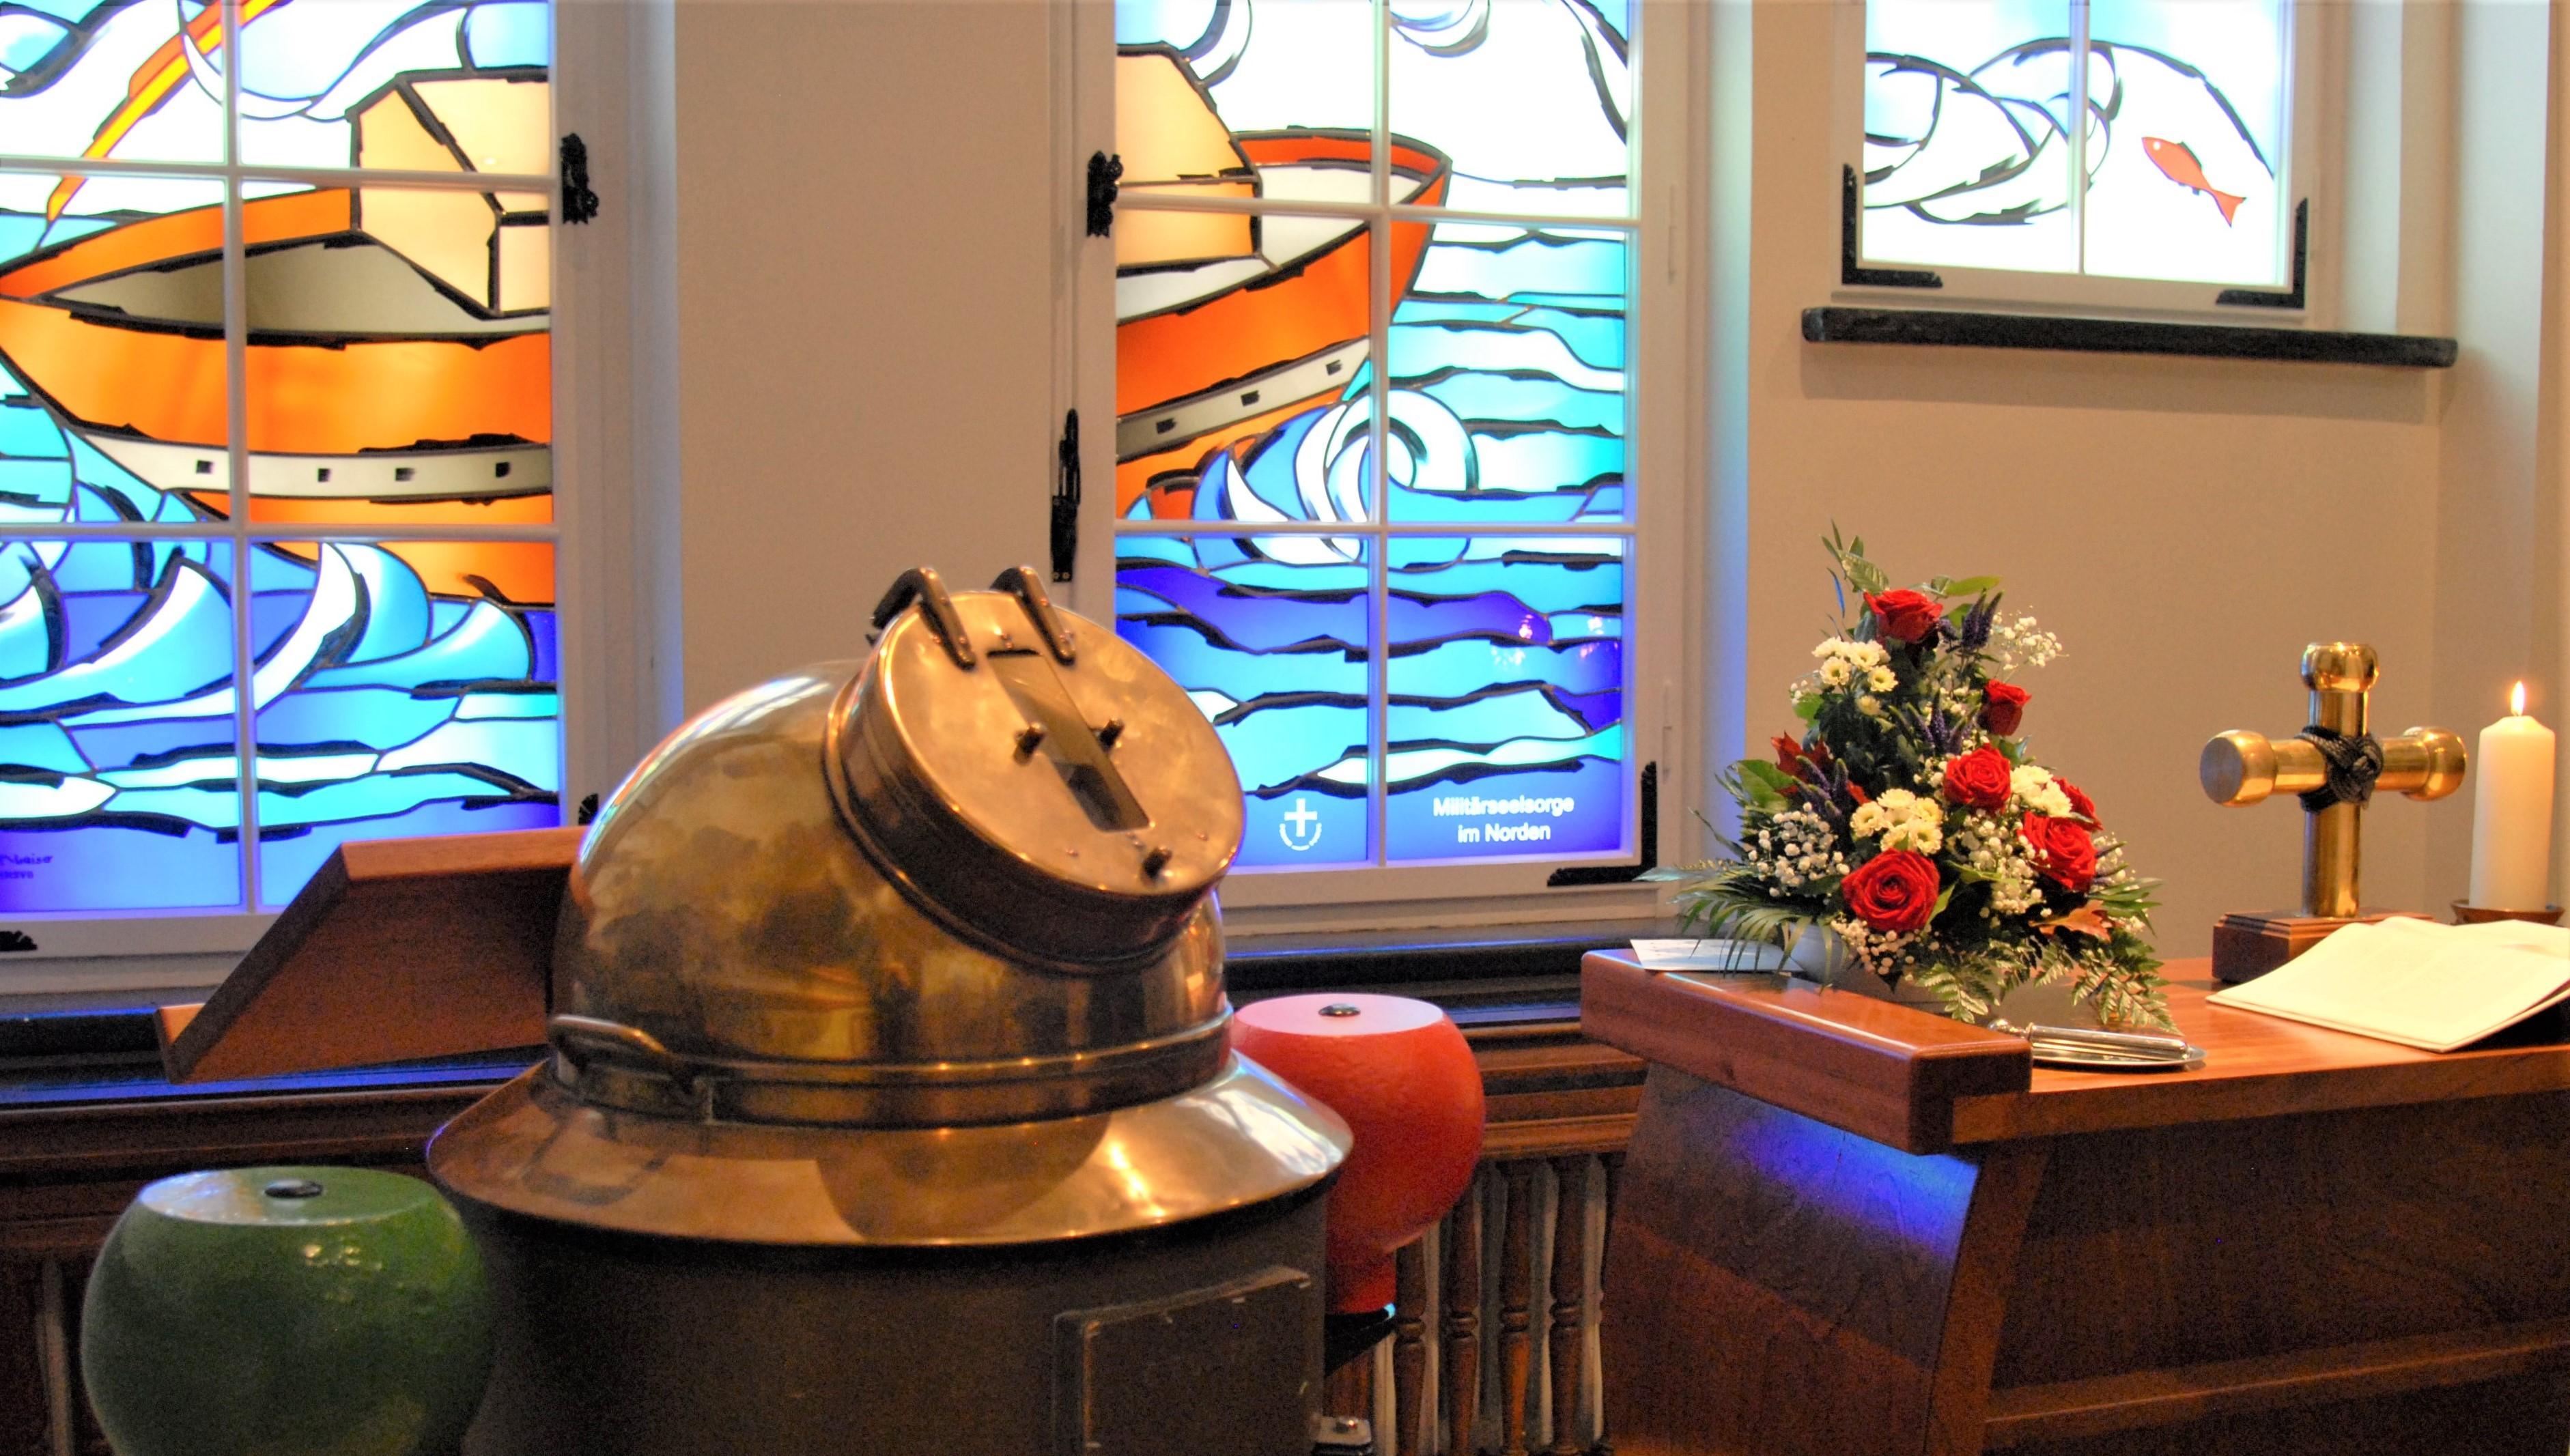 Detail der Nikolauskapelle der Marineschule Mürwik am 10. Nov. 2017, mit: GORCH-FOCK-Kompass-Kanzel, neuen Fenstern und Schiffsrumpfaltar. F: May-Barg